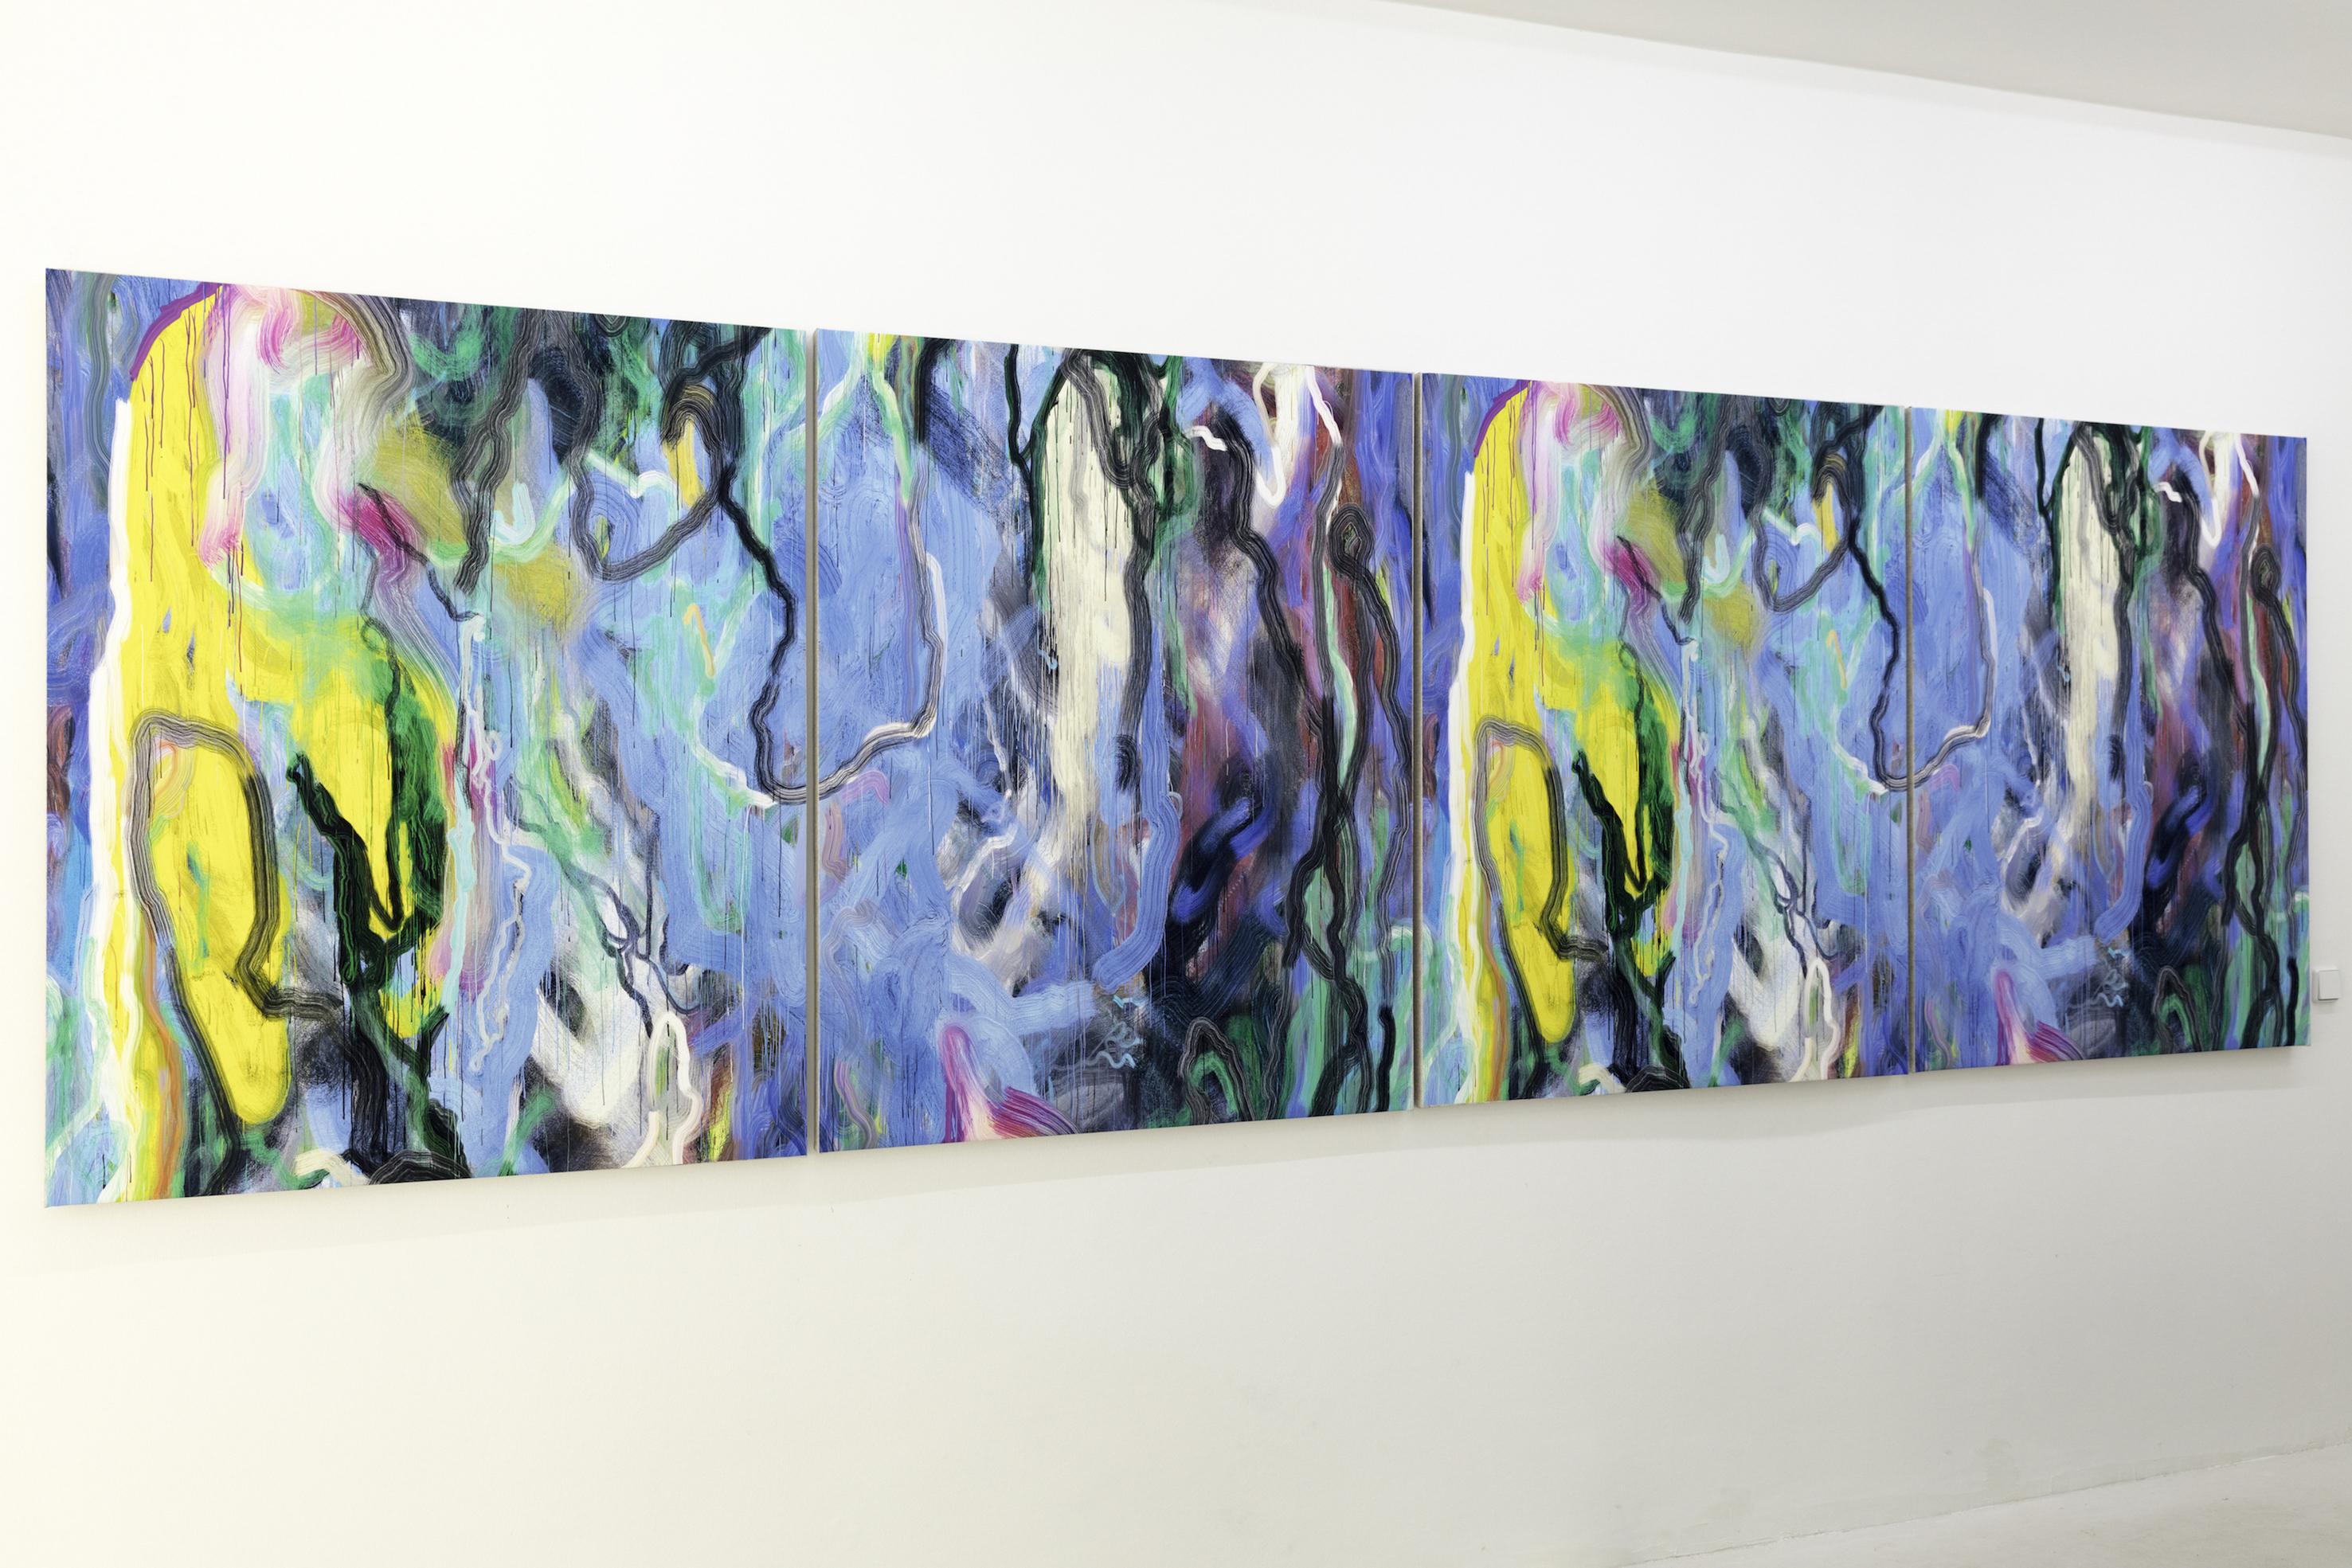 Siebren Versteeg, Mirror Finish, Ausstellungsansicht, 2017